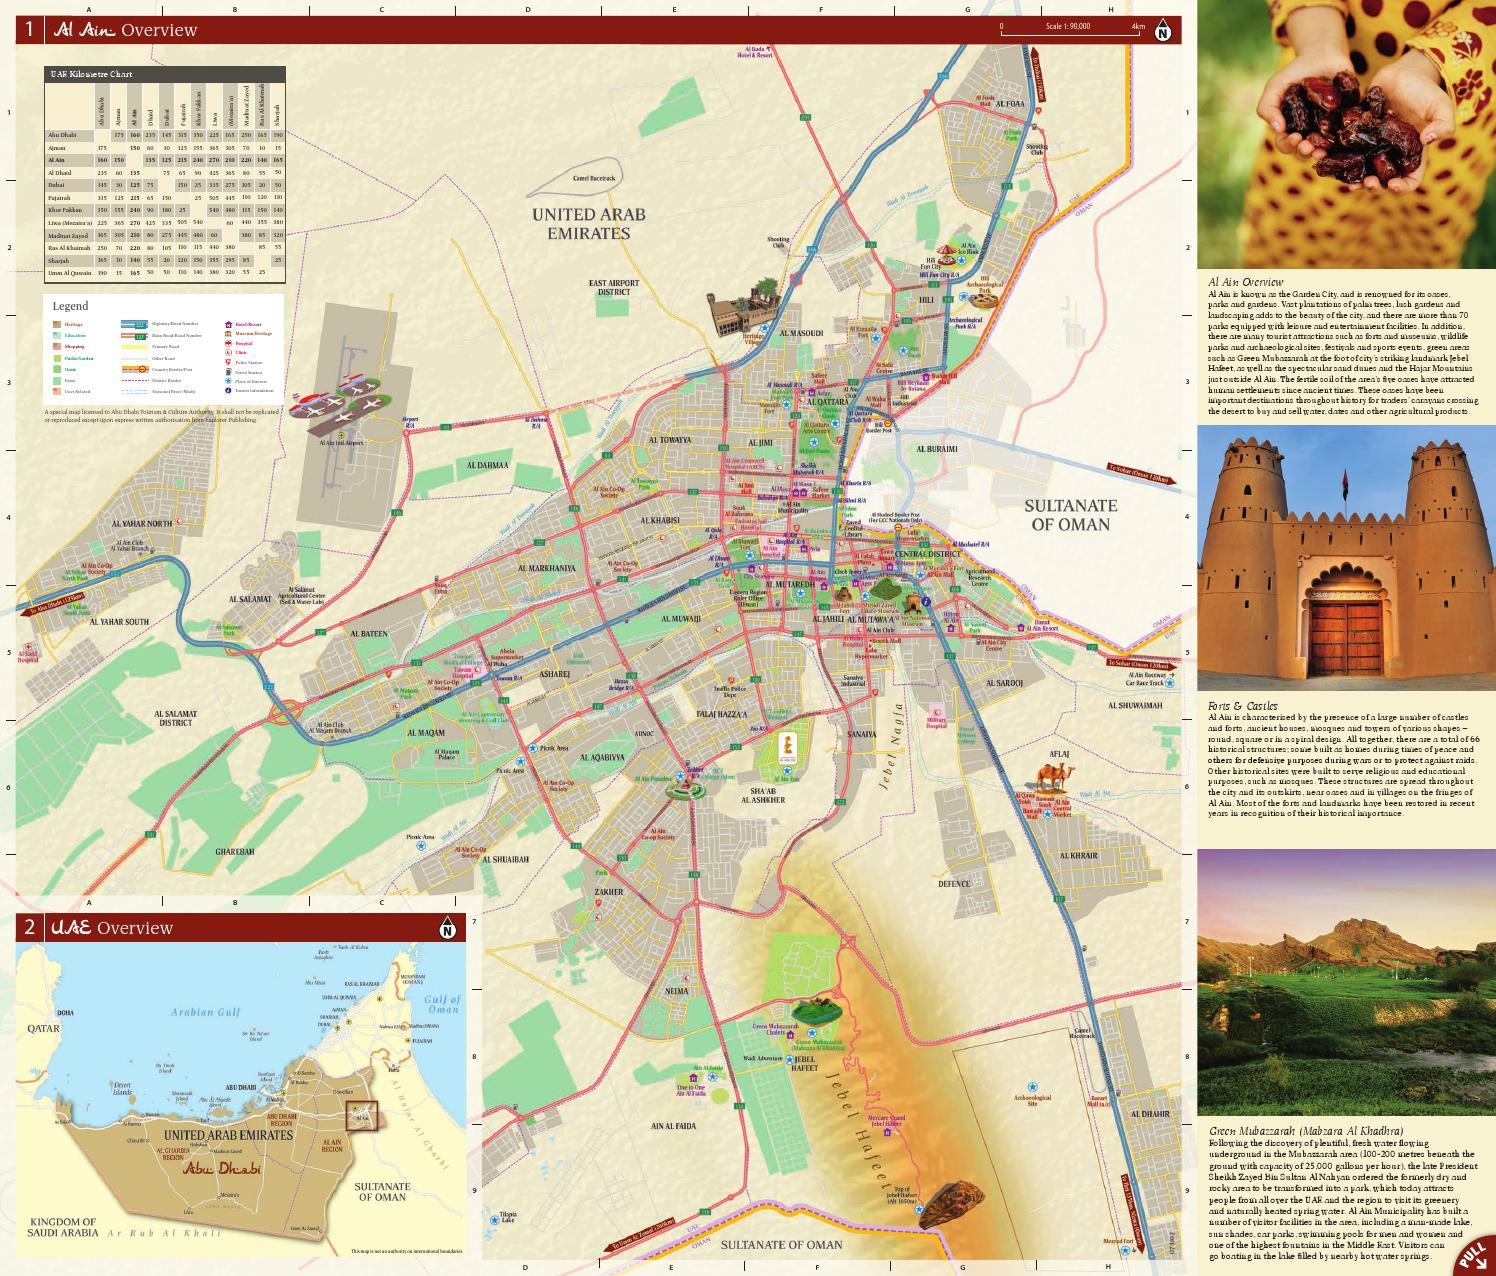 Al Ain Map by Visit Abu Dhabi issuu